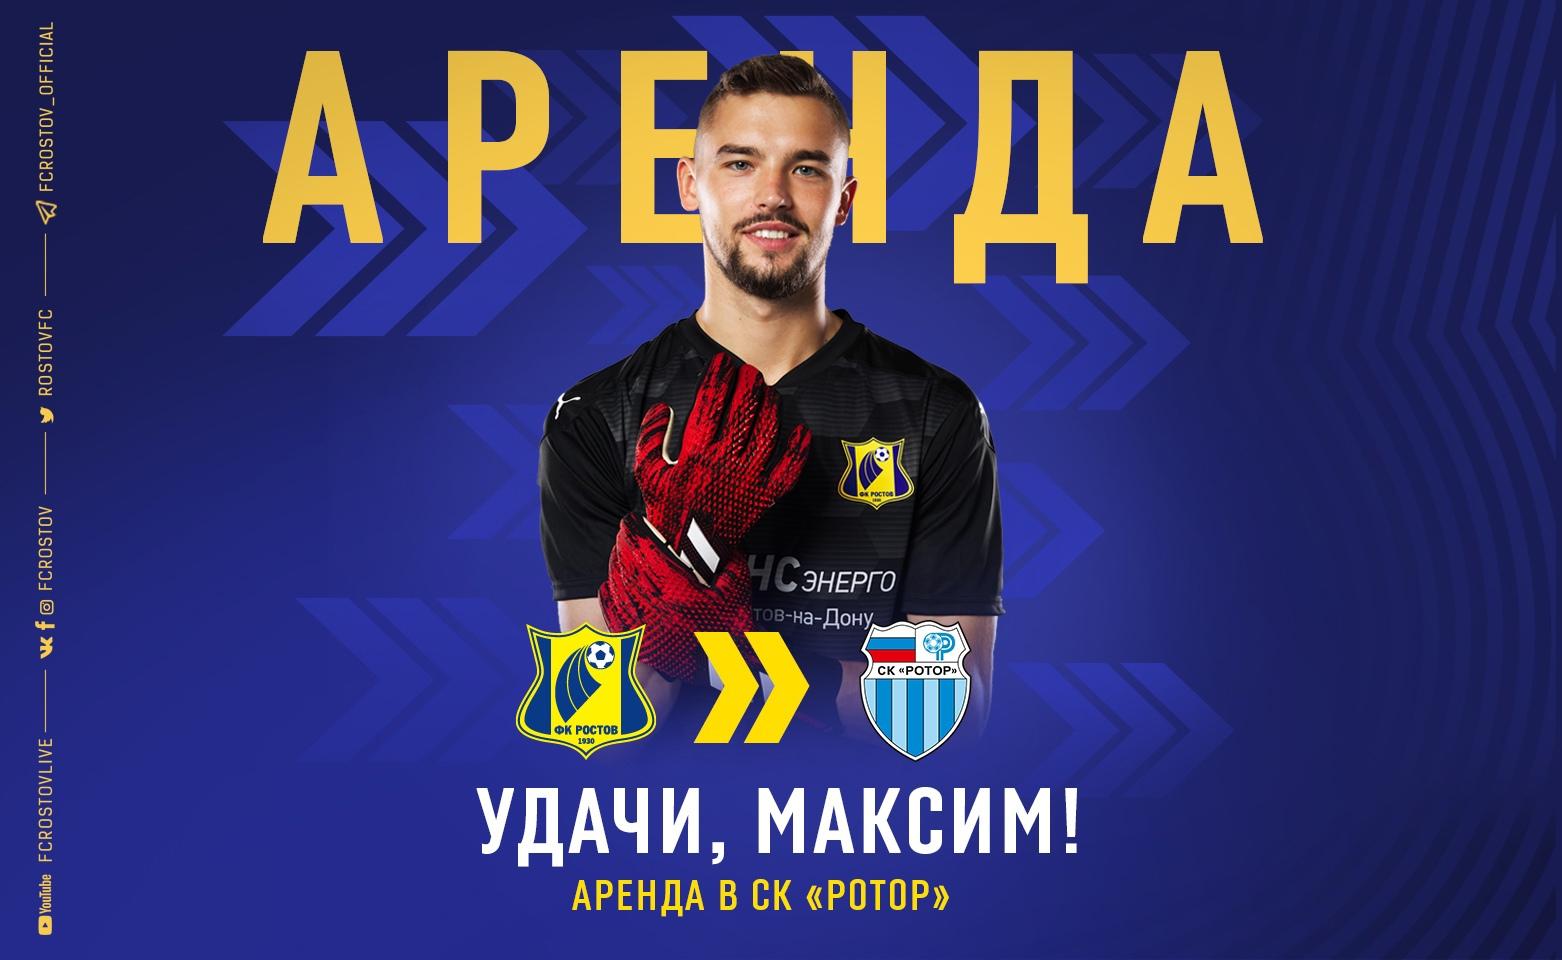 Максим Рудаков проведет сезон в «Роторе»